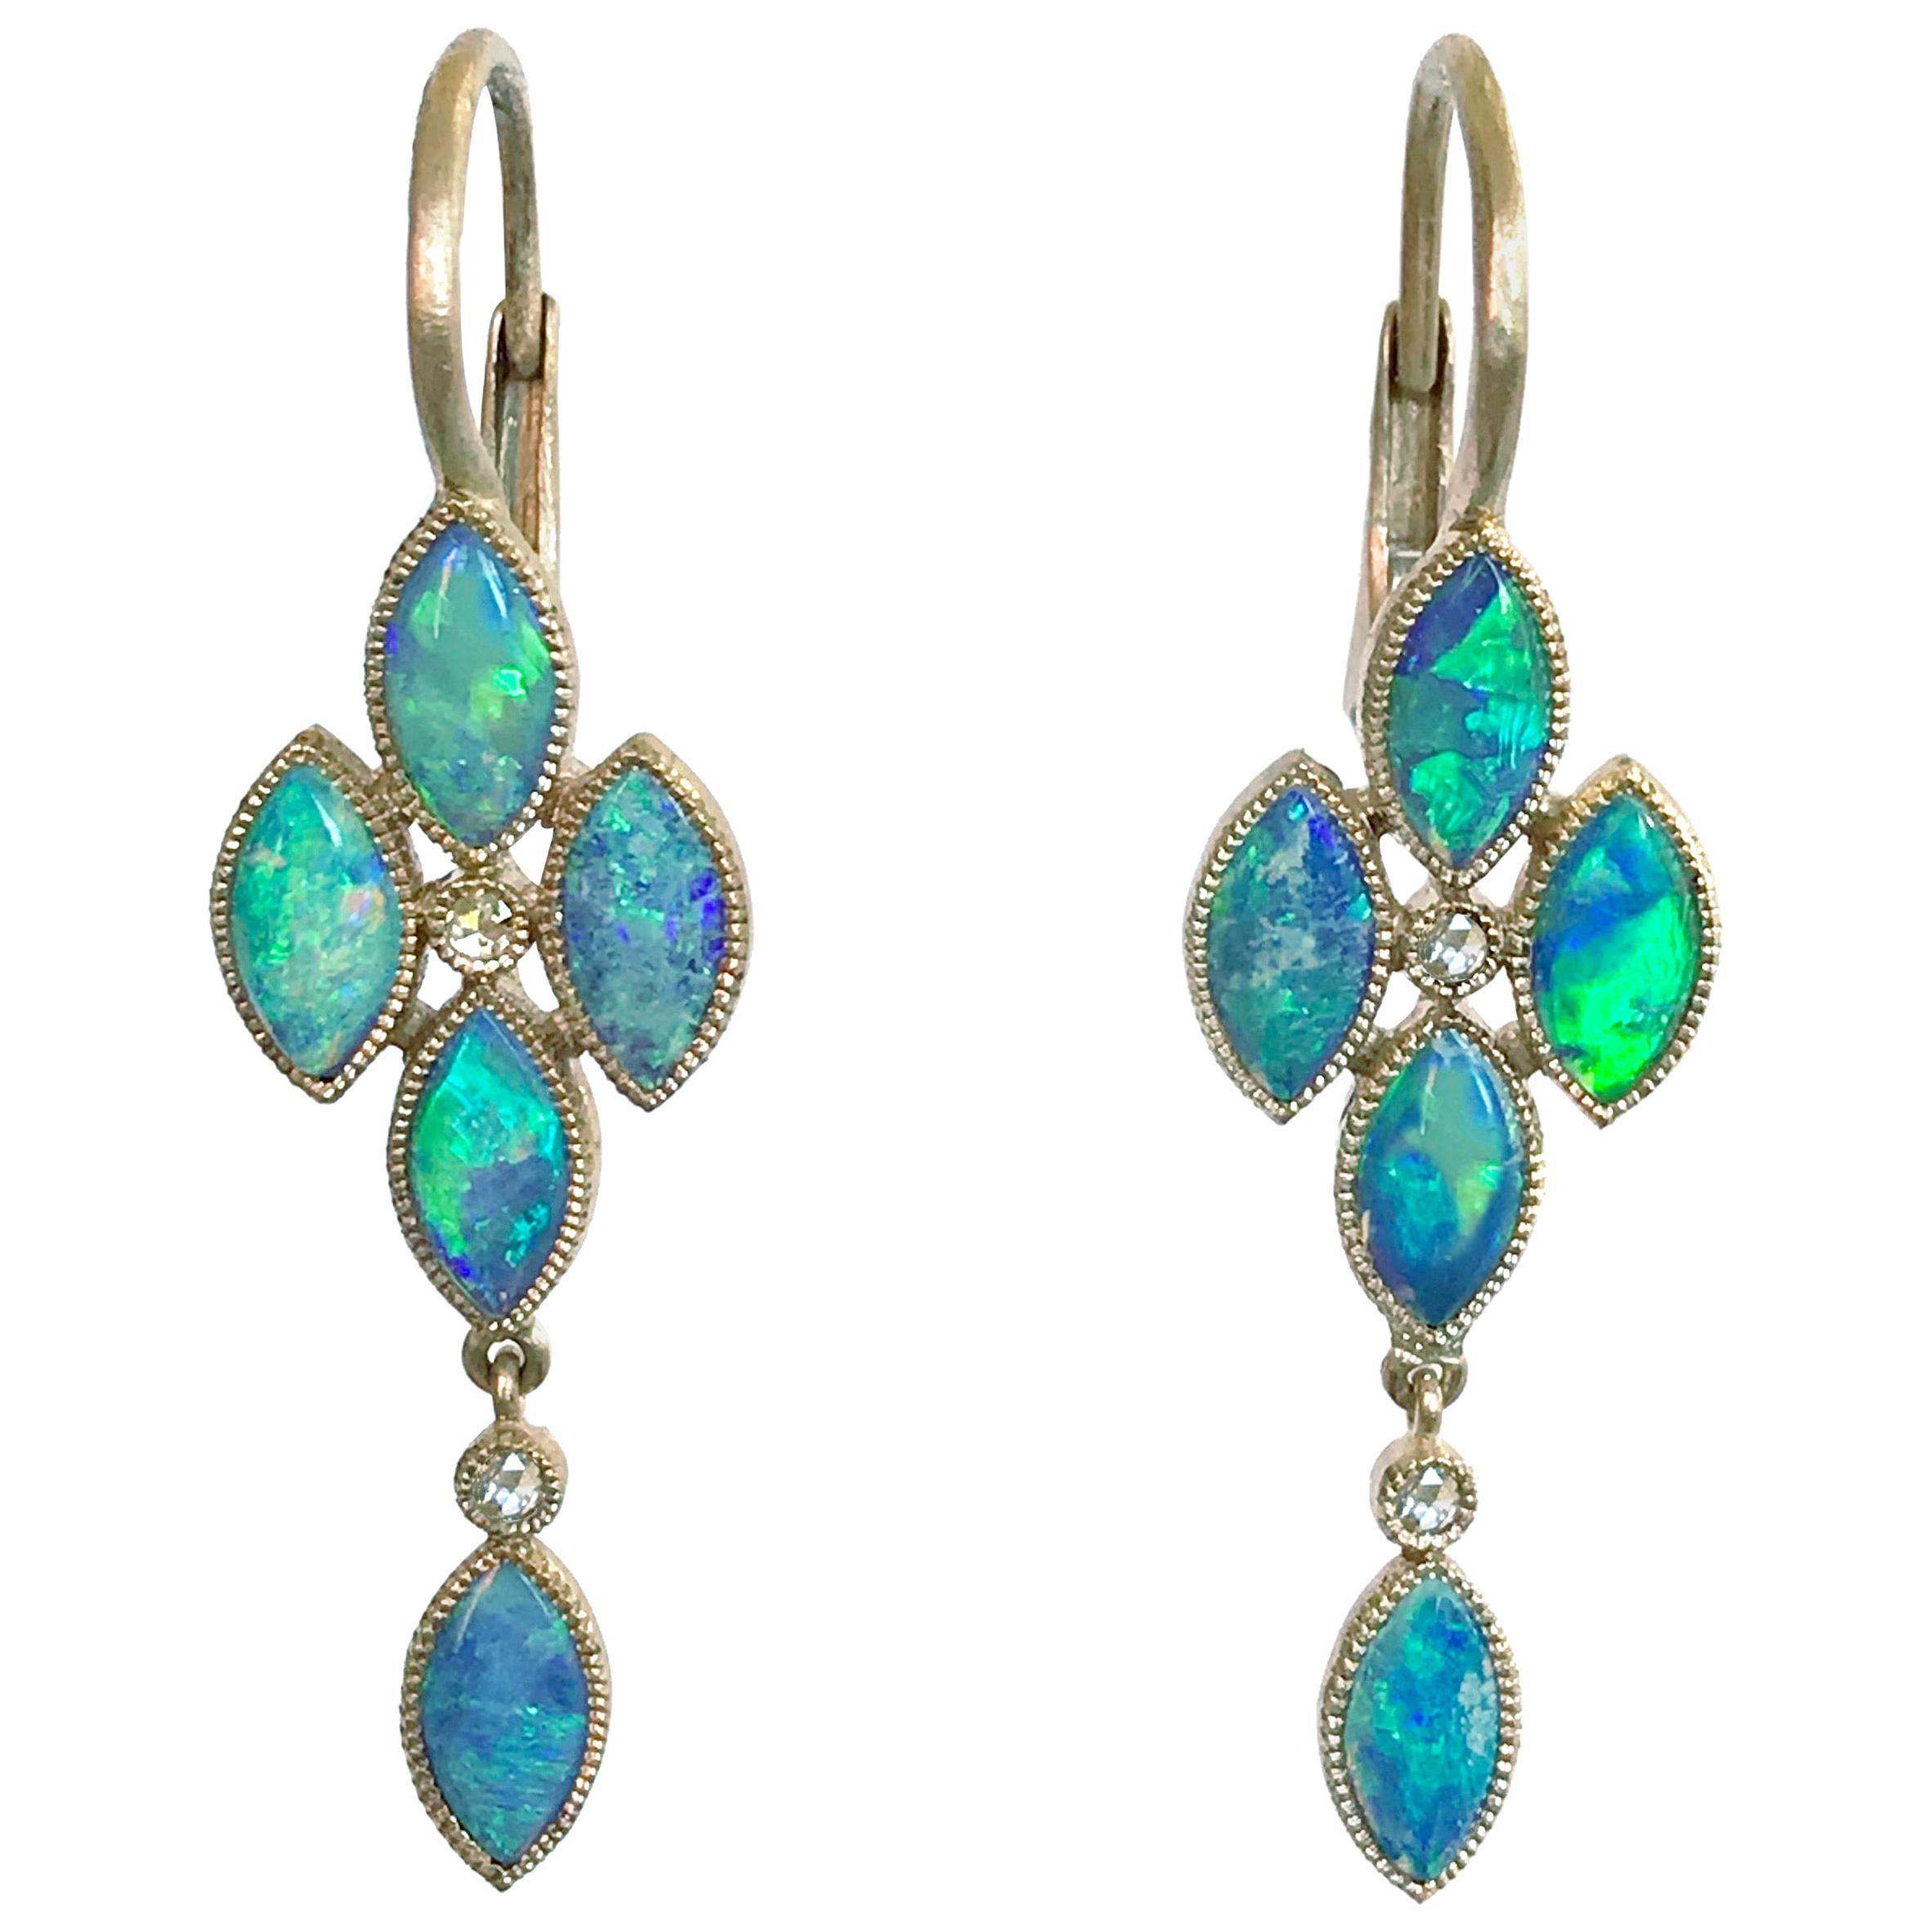 Dalben Australian Opal Rose Cut Diamond Gold Drop Earrings